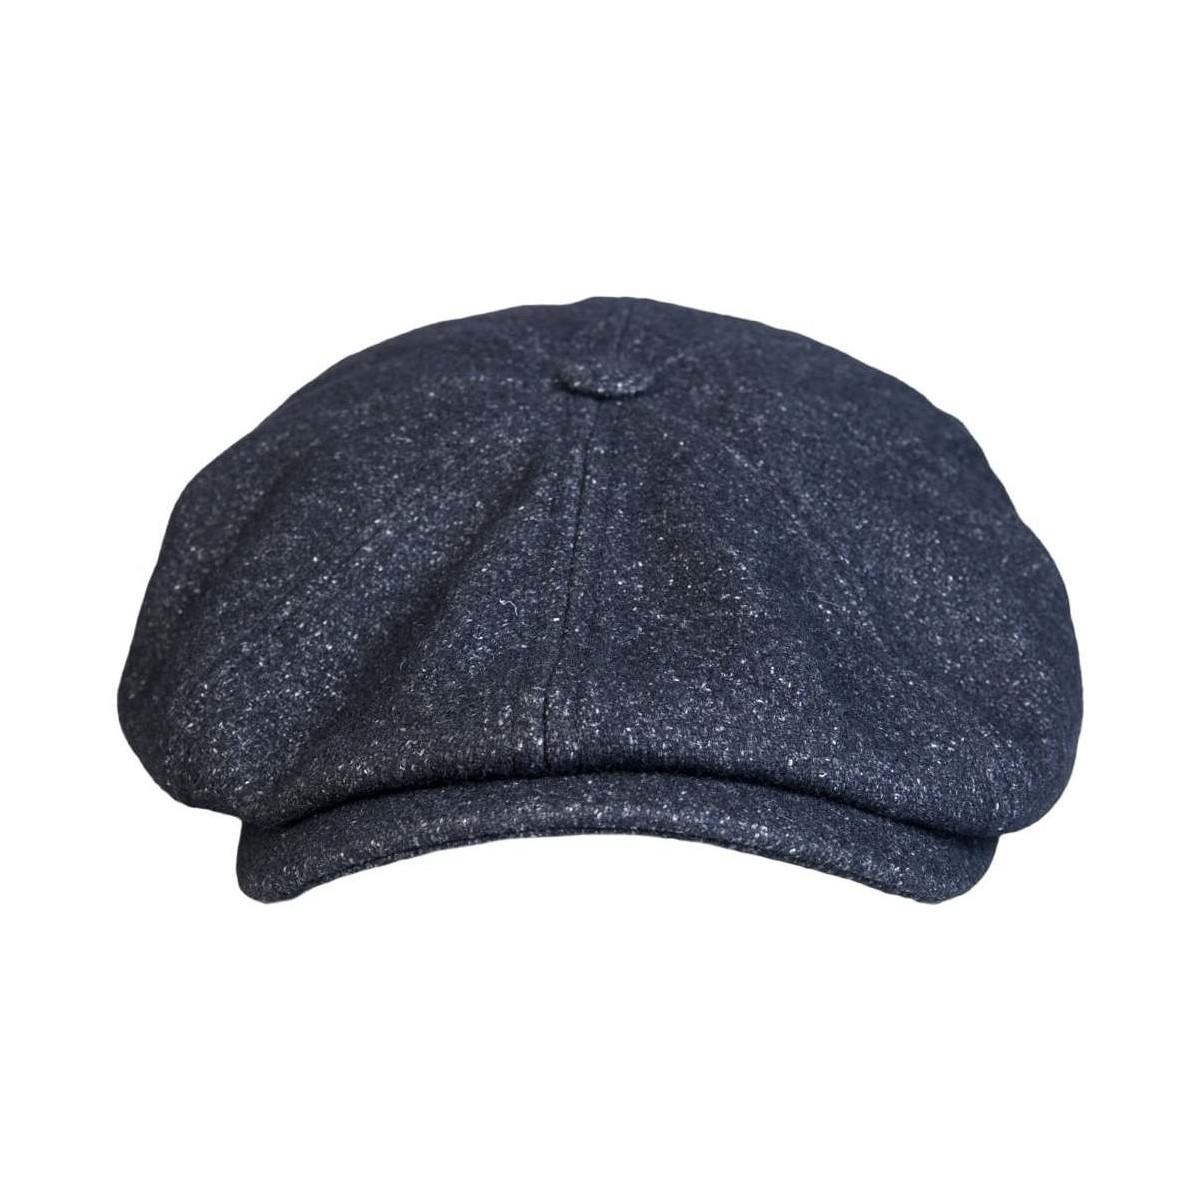 2543b6d2607 Ted Baker Flat Cap Xa7m Xn22 Gladstn Men s Beanie In Grey in Gray ...